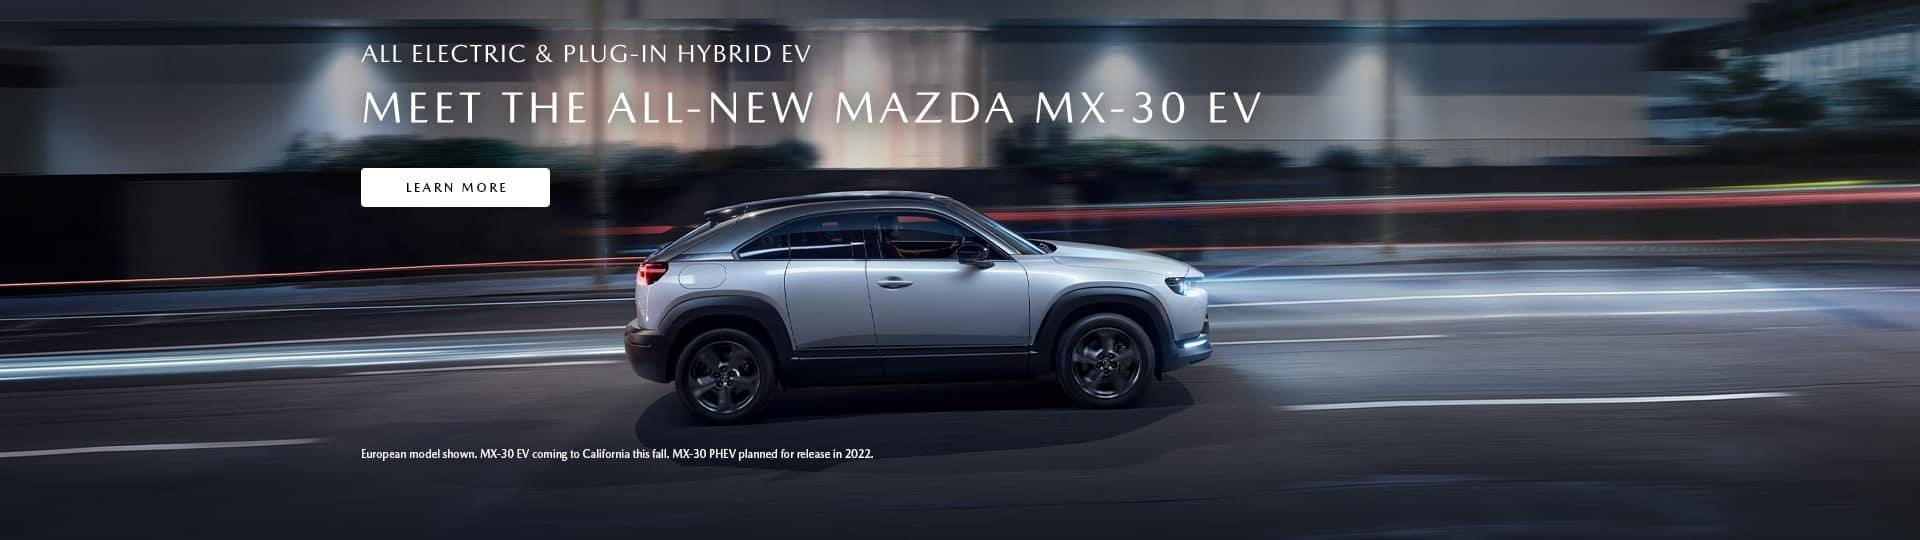 The all-new Mazda MX-30 EV